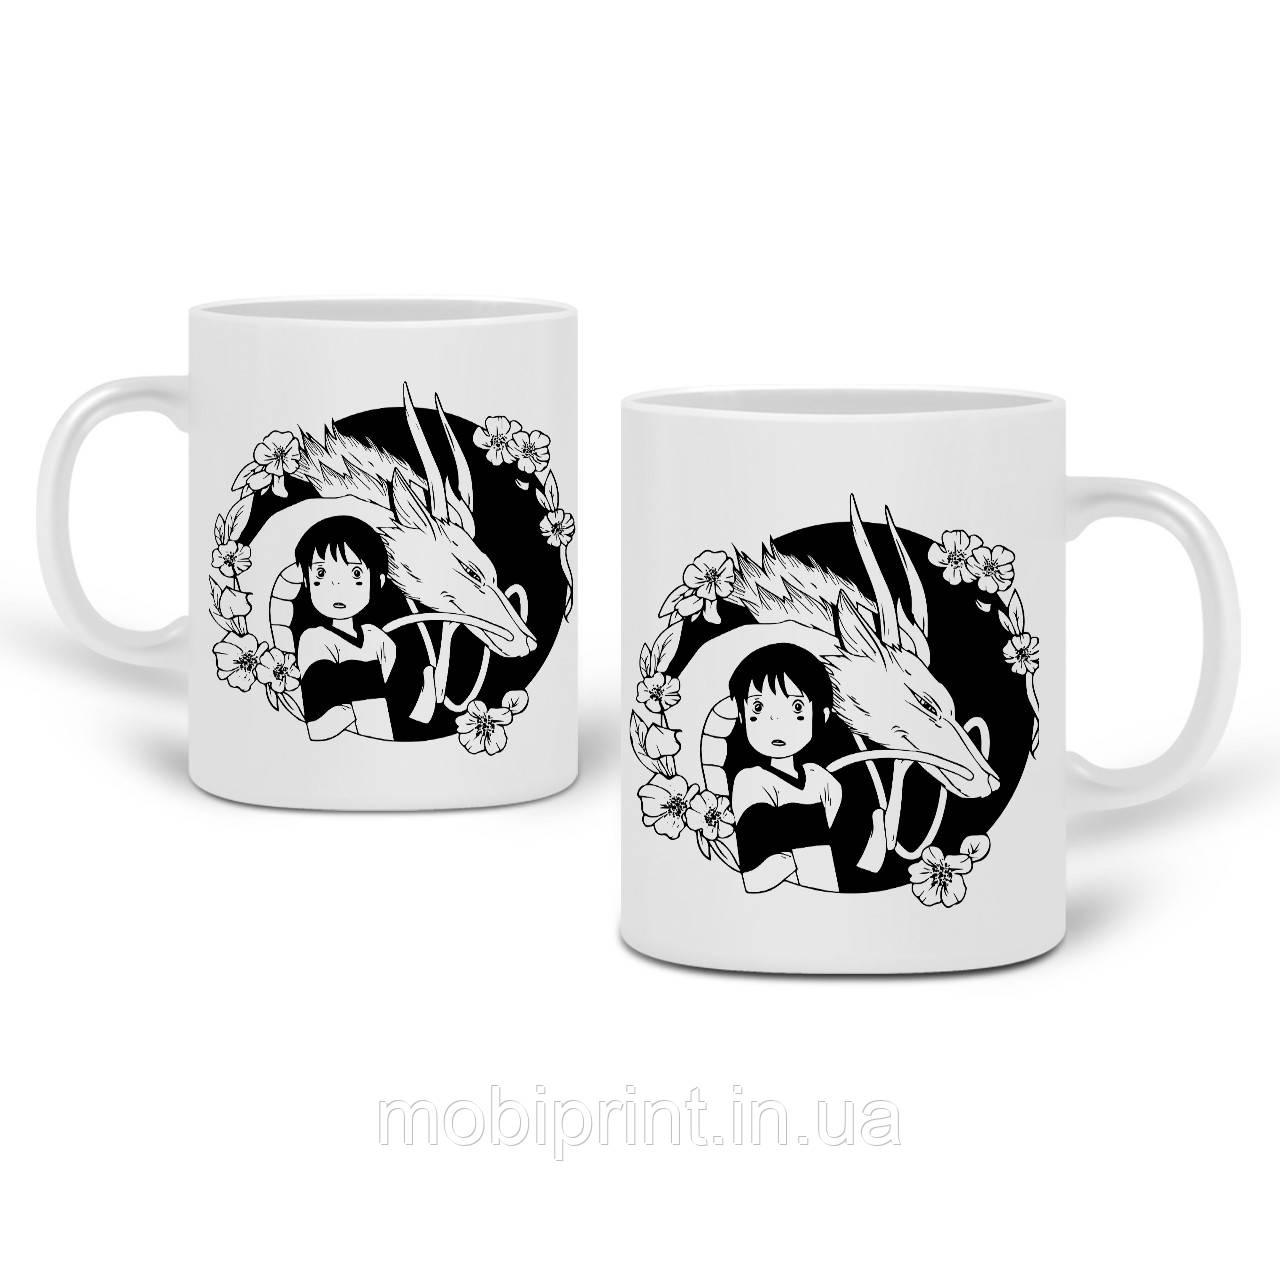 Кружка Тихиро Огино Сен і Хаку Віднесені примарами (Spirited Away) 330 мл Чашка Керамічна (20259-2647)